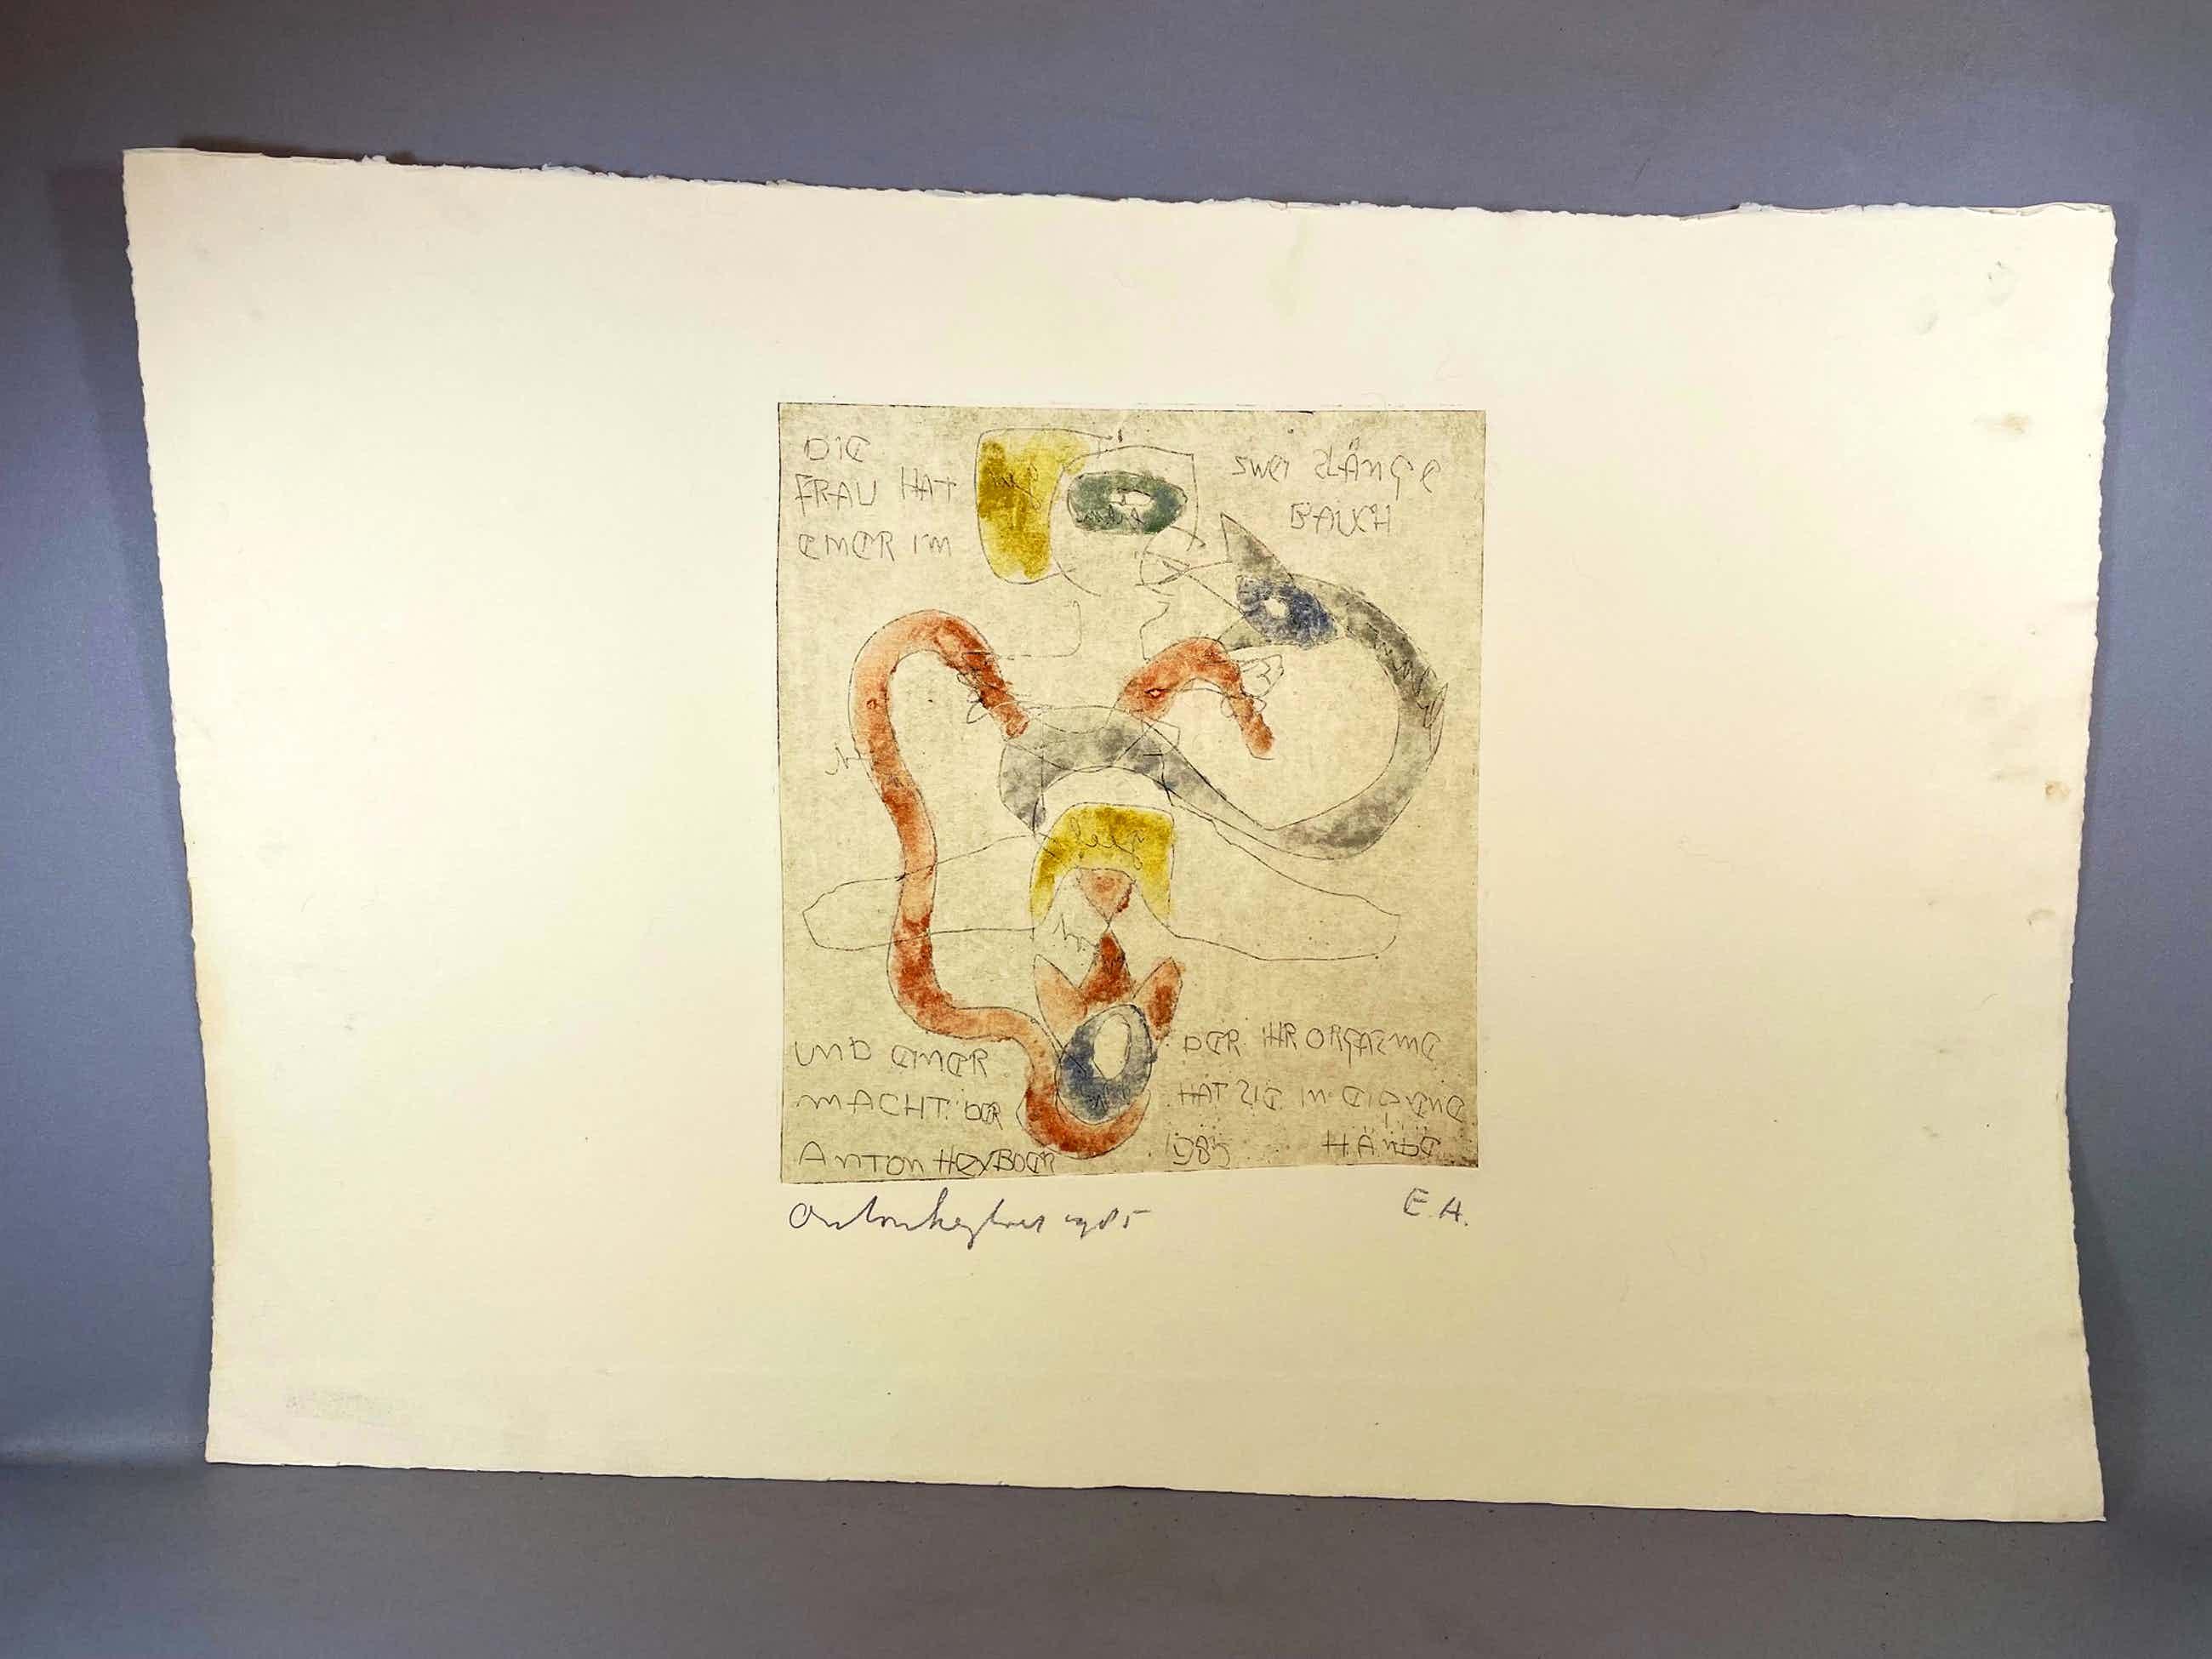 Anton Heyboer - Ets uit 1985 op Hahnemuhle papier kopen? Bied vanaf 125!